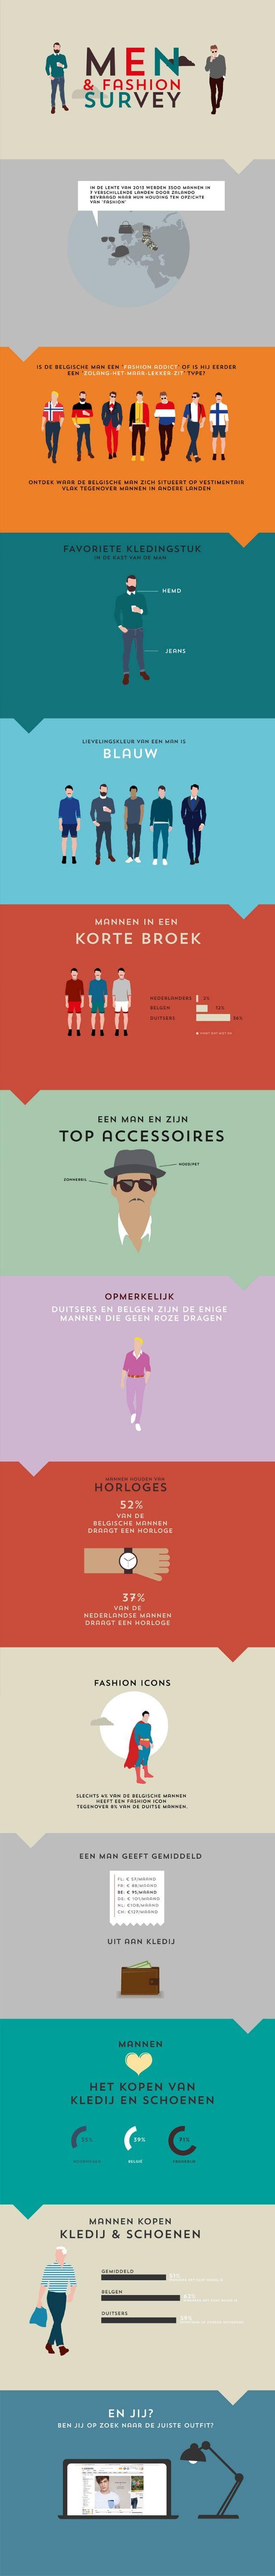 Waar situeert de Belgische man zich op vestimentair vlak ten opzichte van mannen in Duitsland, Nederland, Frankrijk, Zwitserland, Finland en Noorwegen? #Zalando publiceert een gloednieuw marktonderzoek waarin 3500 mannen uit 7 verschillende landen hun inzichten over #mode delen.   Aan de hand van een geanimeerde  #infographic kom je te weten dat mannen tussen 18 en 49 jaar nog steeds blauw verkiezen als lievelingskleur.  http://www.zalando.be/men-fashion/intro